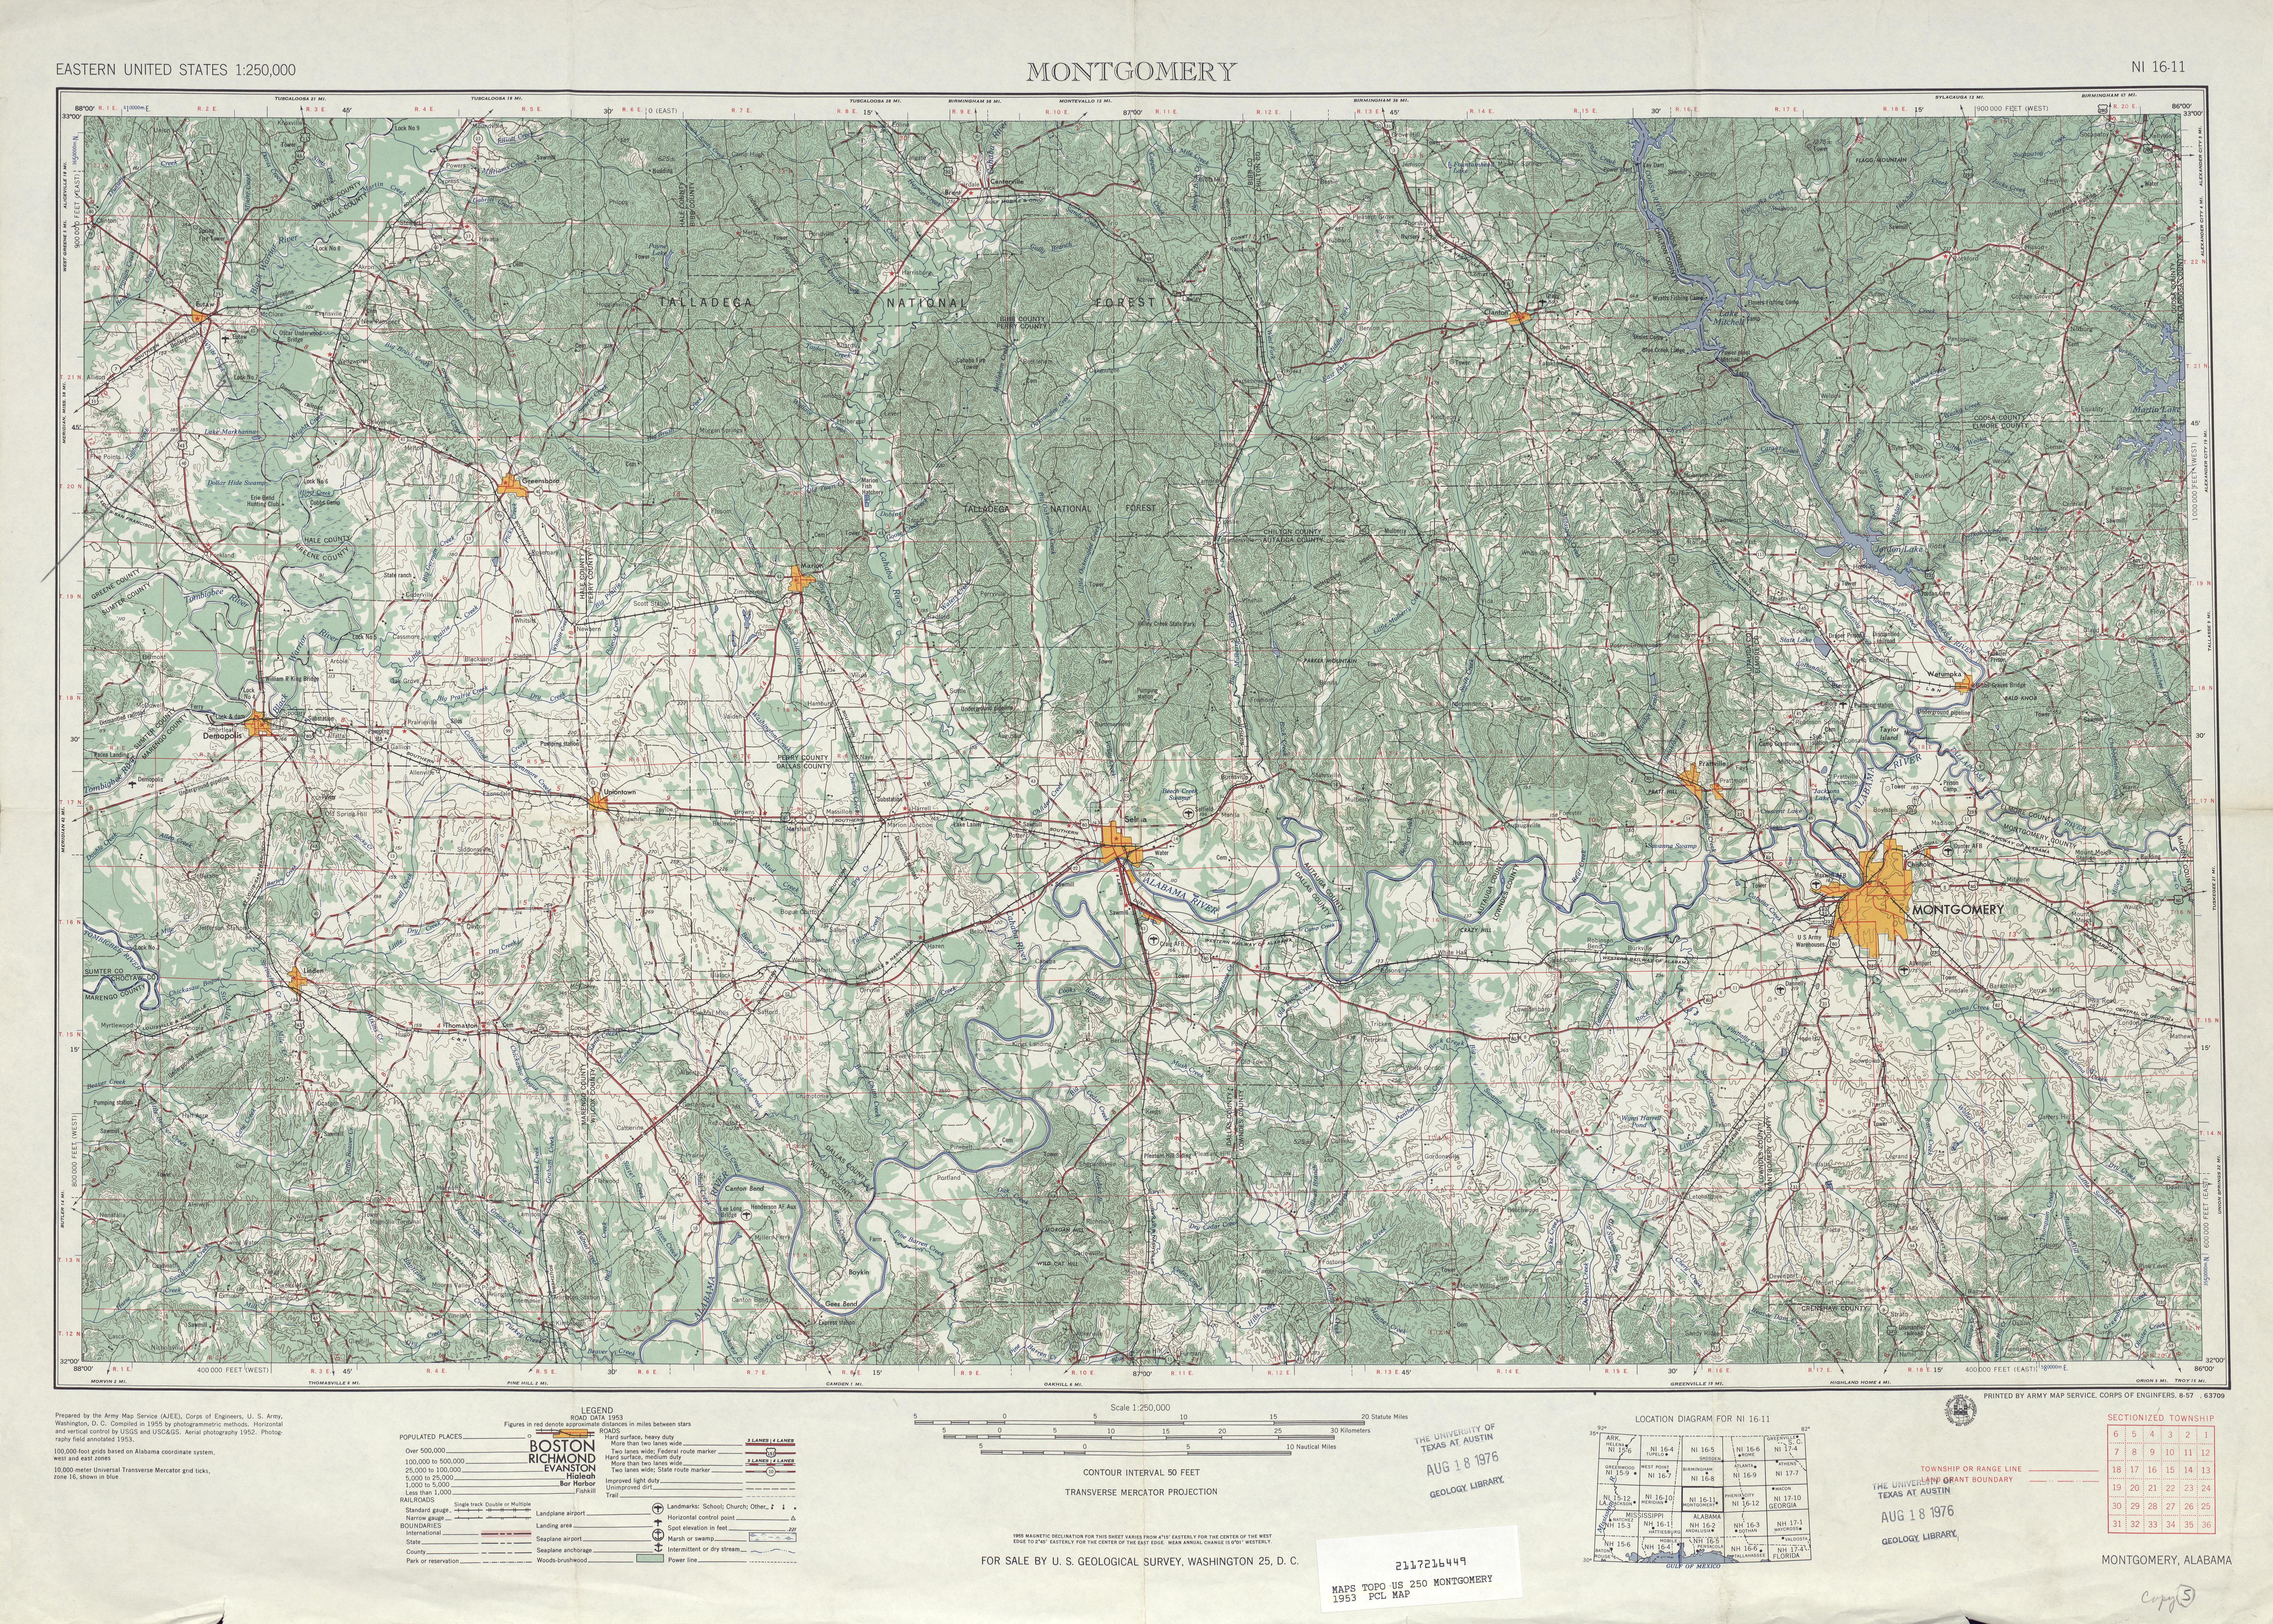 Hoja Montgomery del Mapa Topográfico de los Estados Unidos 1953